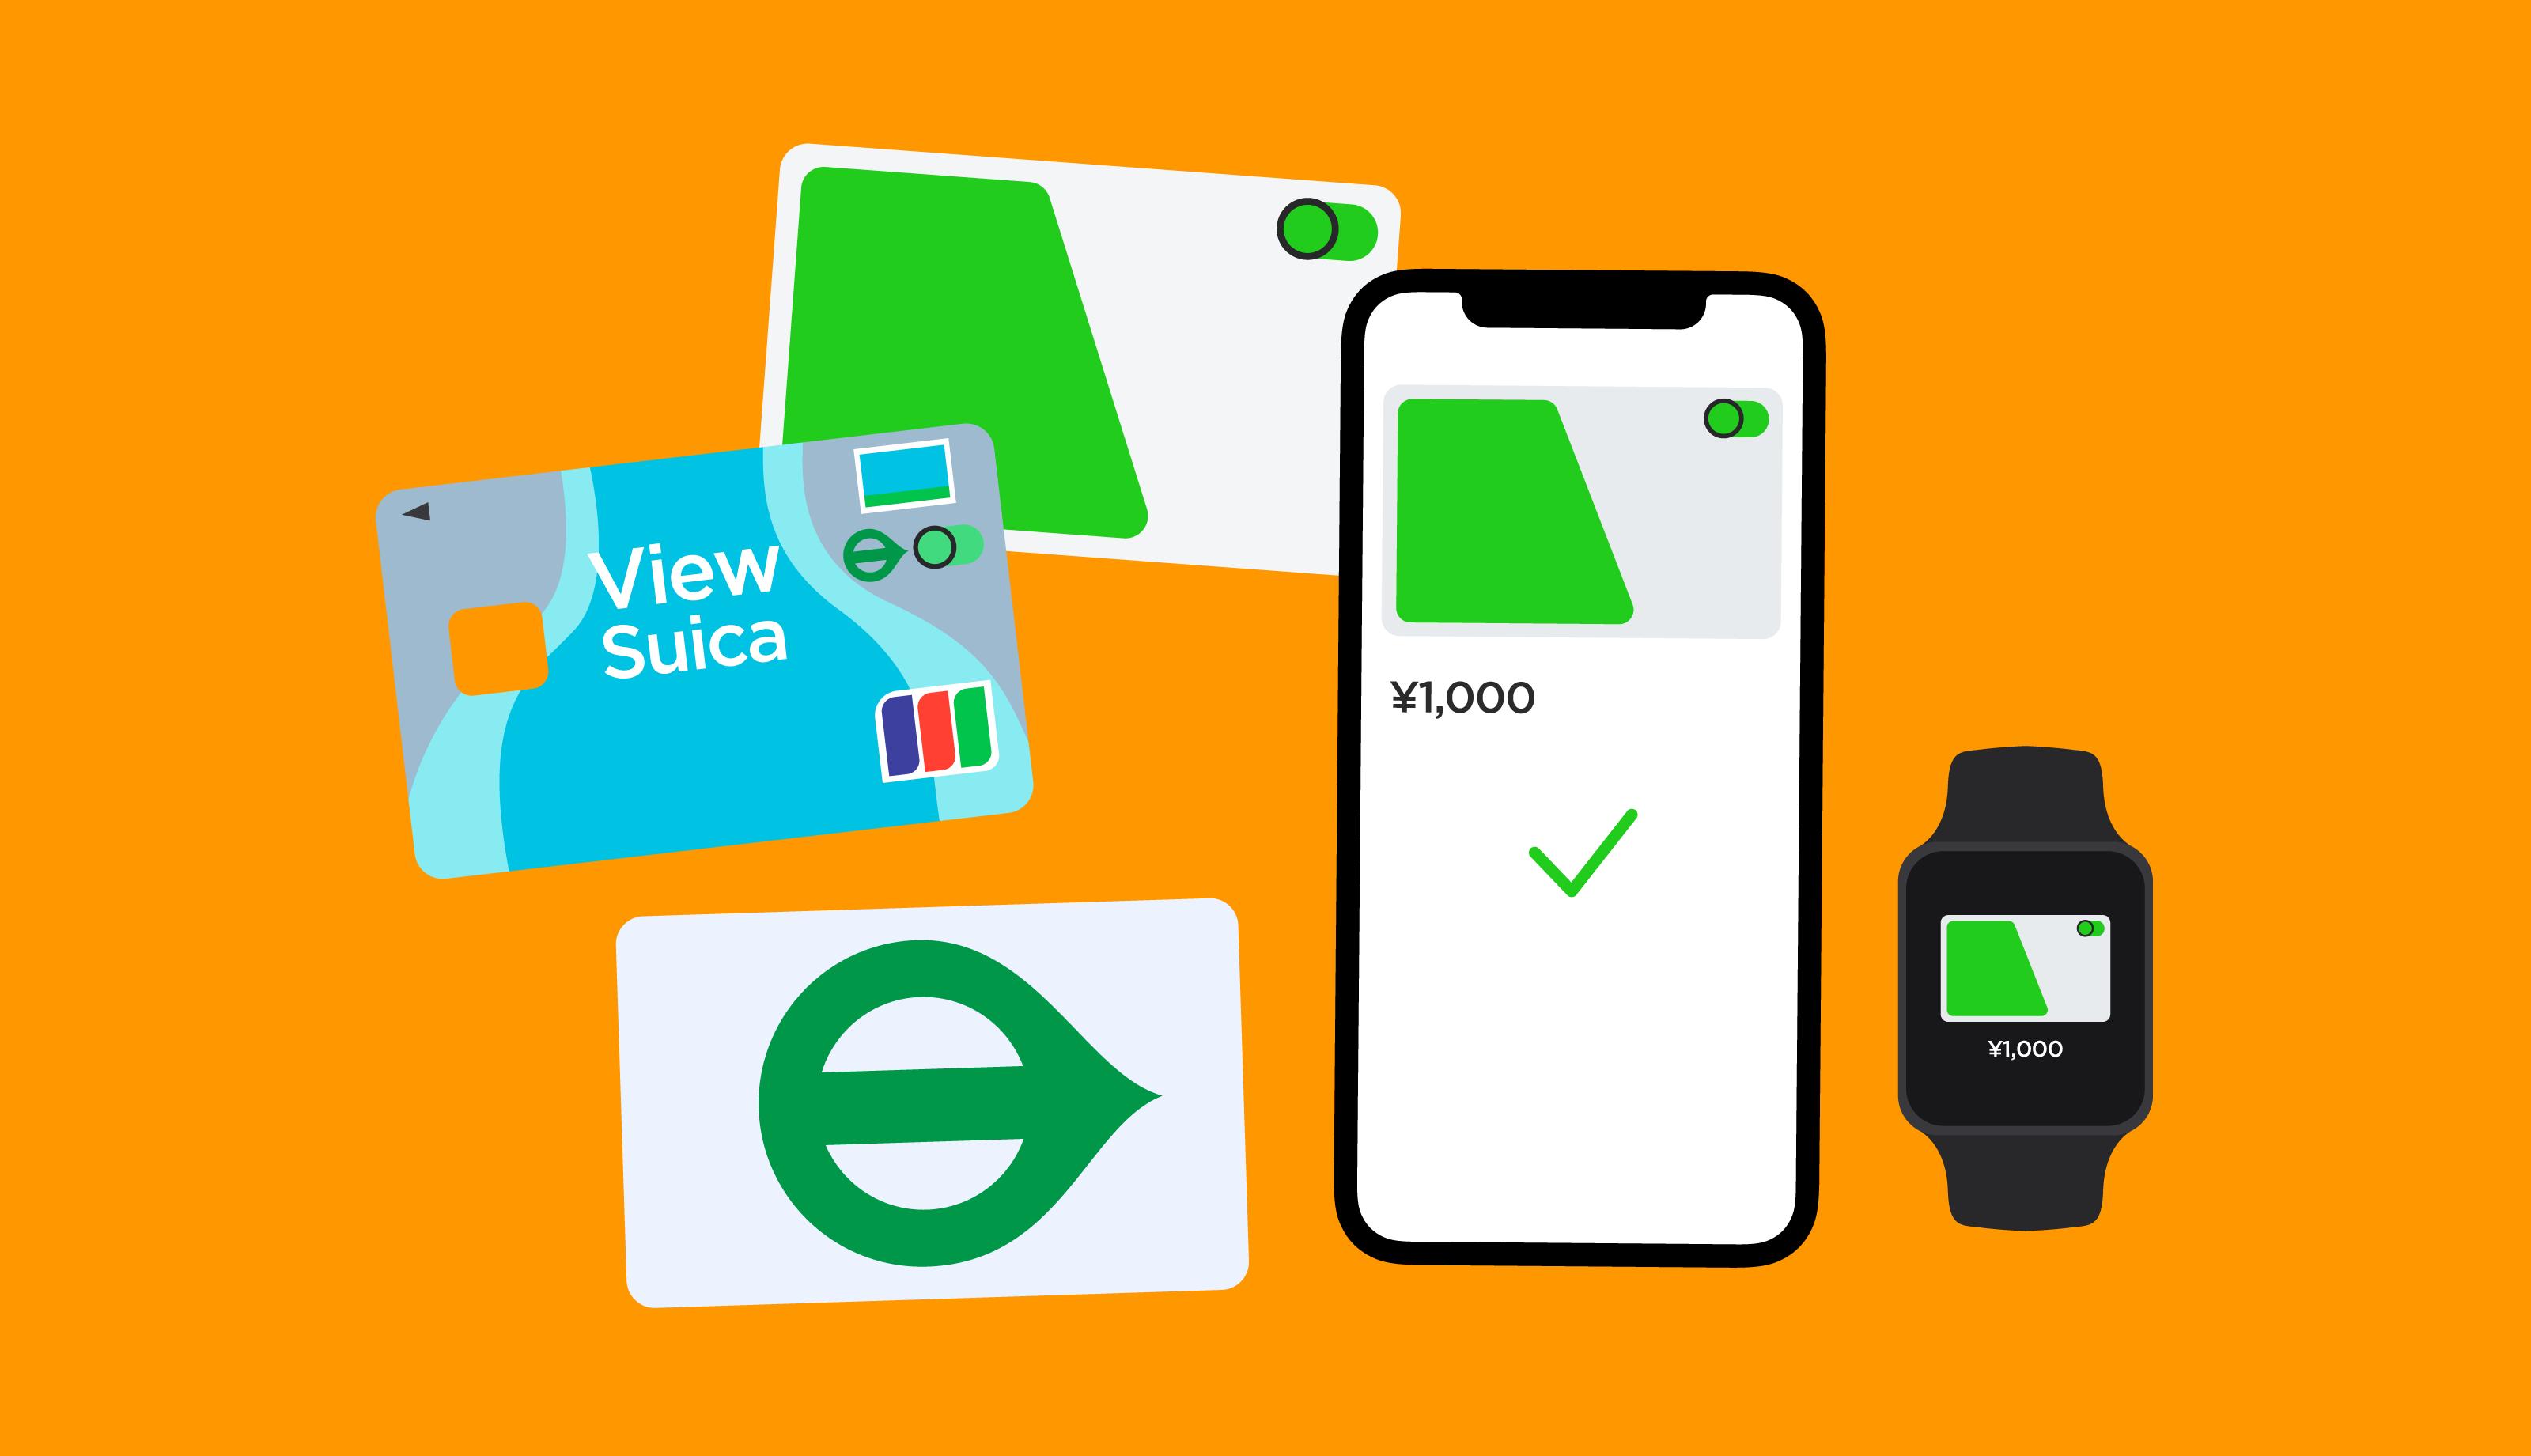 毎日のSuica利用で貯まるJRE POINT、貯めるには要登録!